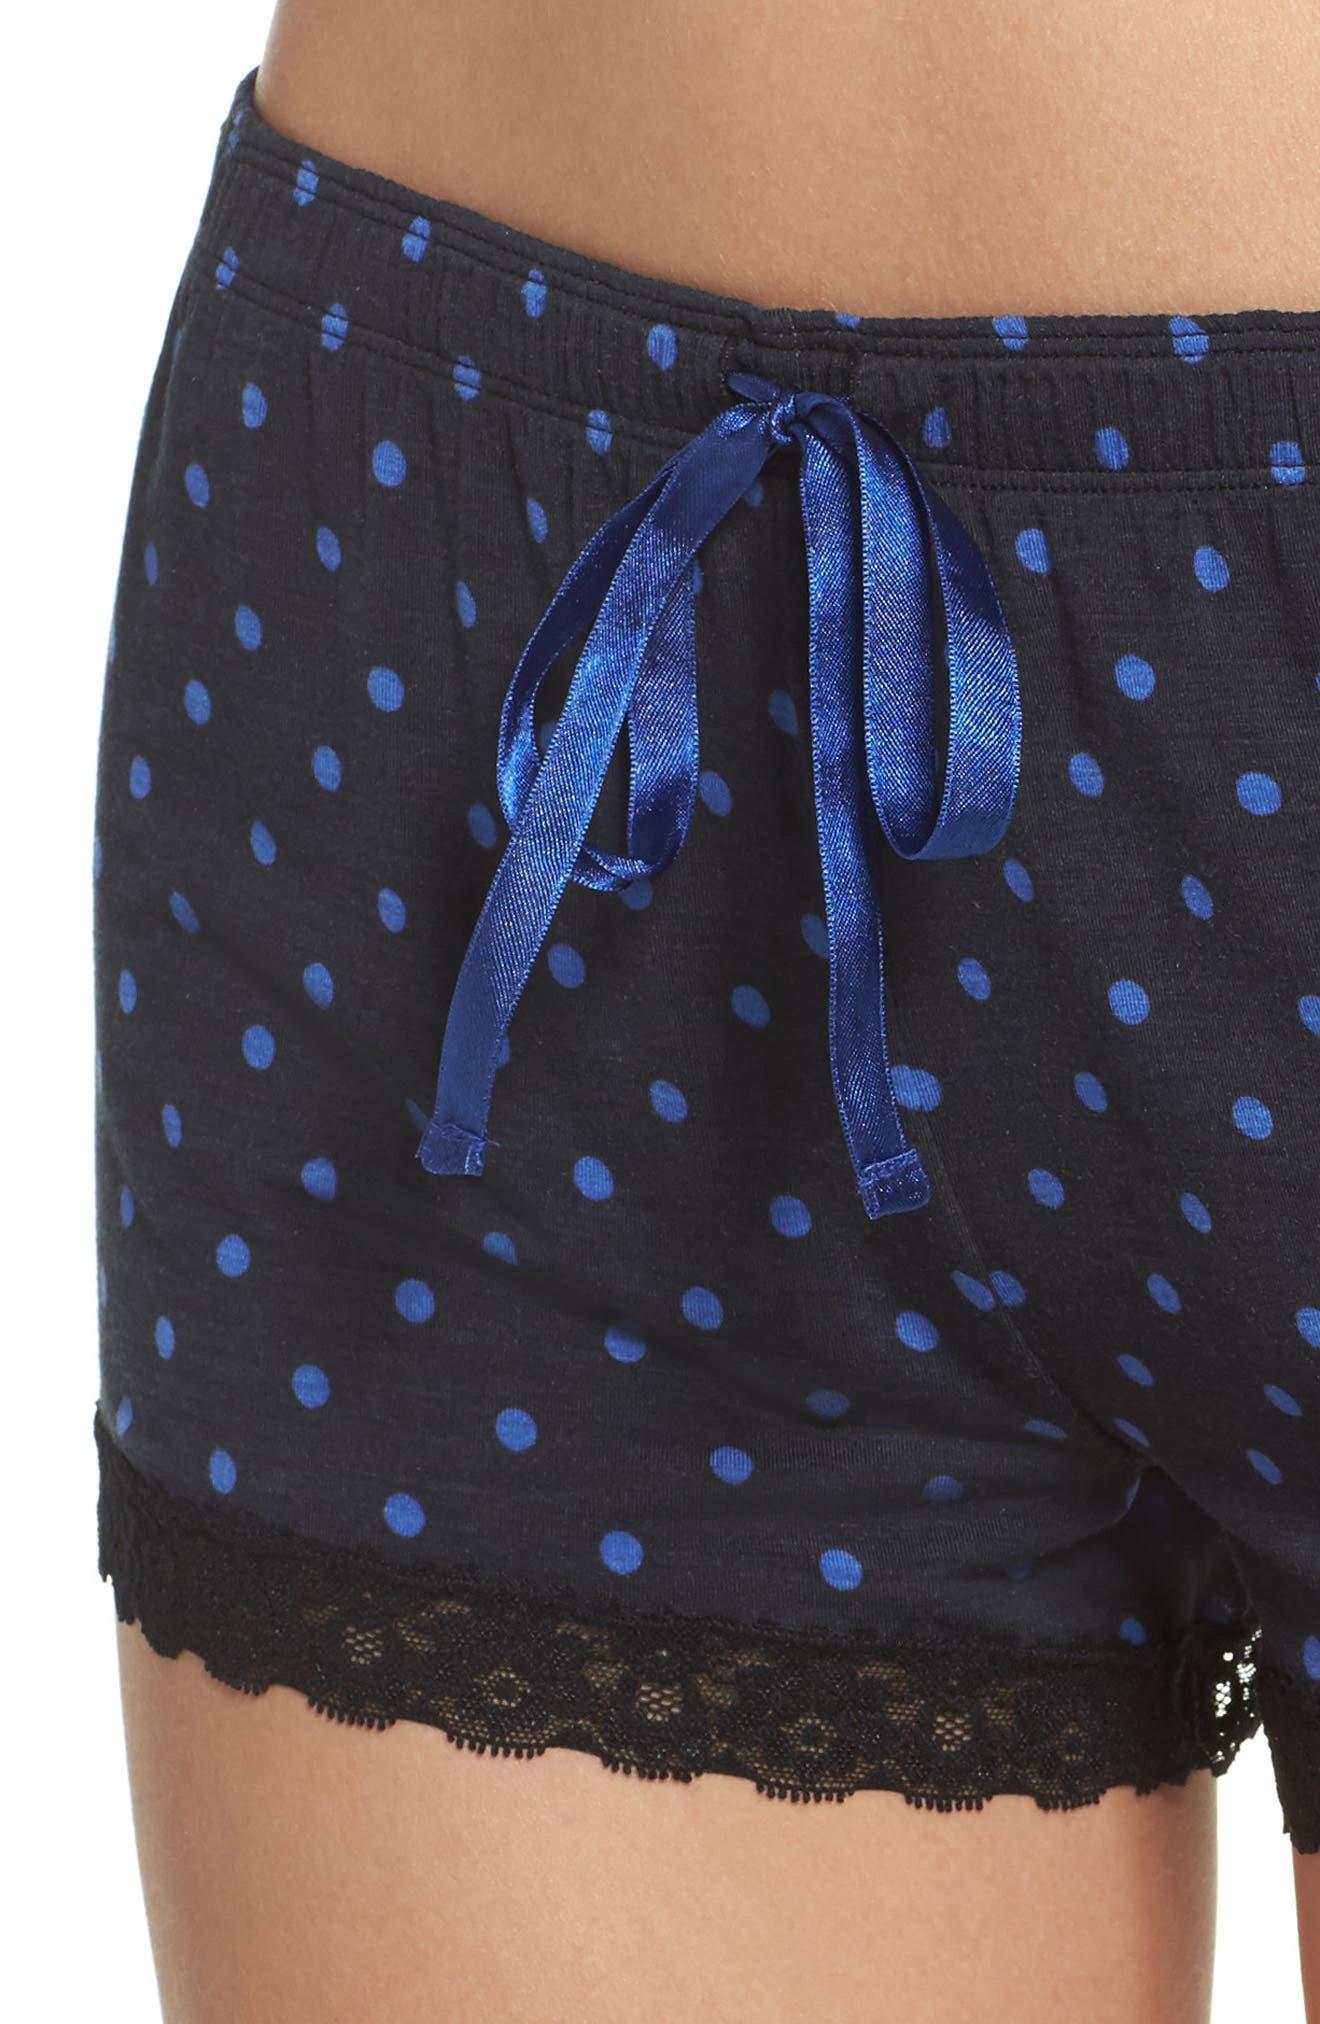 Dot Lounge Shorts,                             Alternate thumbnail 4, color,                             400